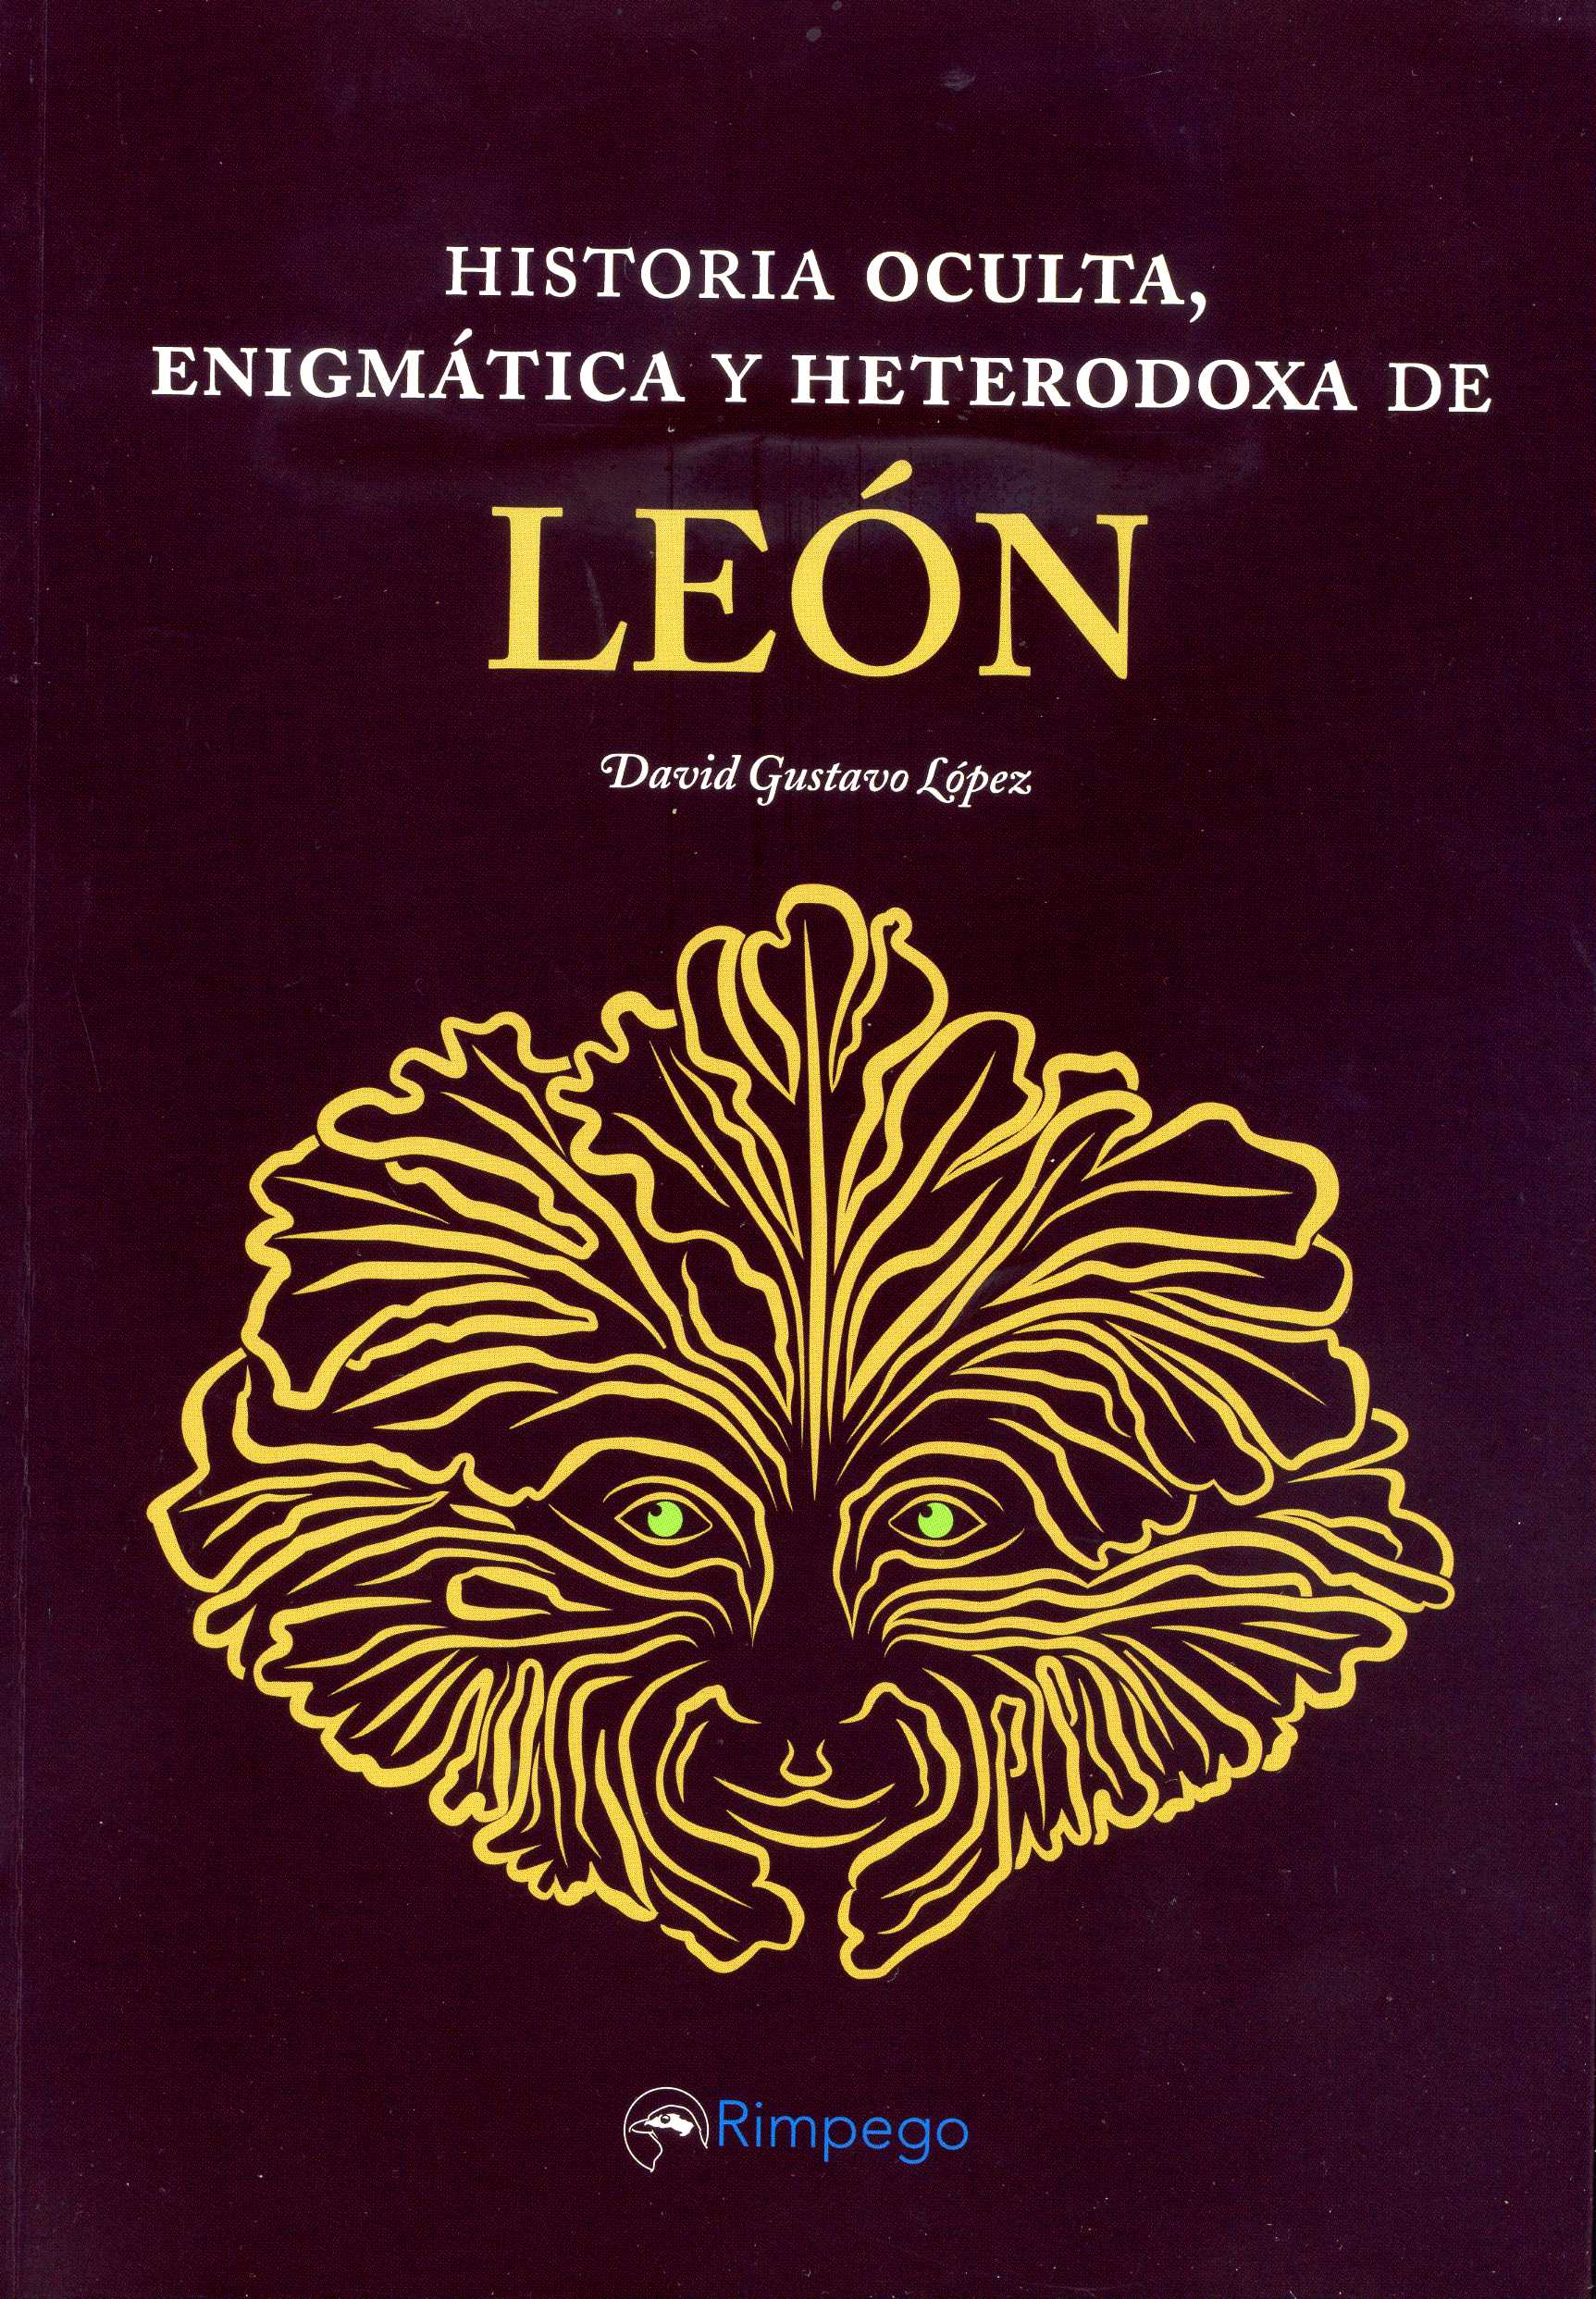 ENIGMAS DE LEÓN. Libro. Portasda final